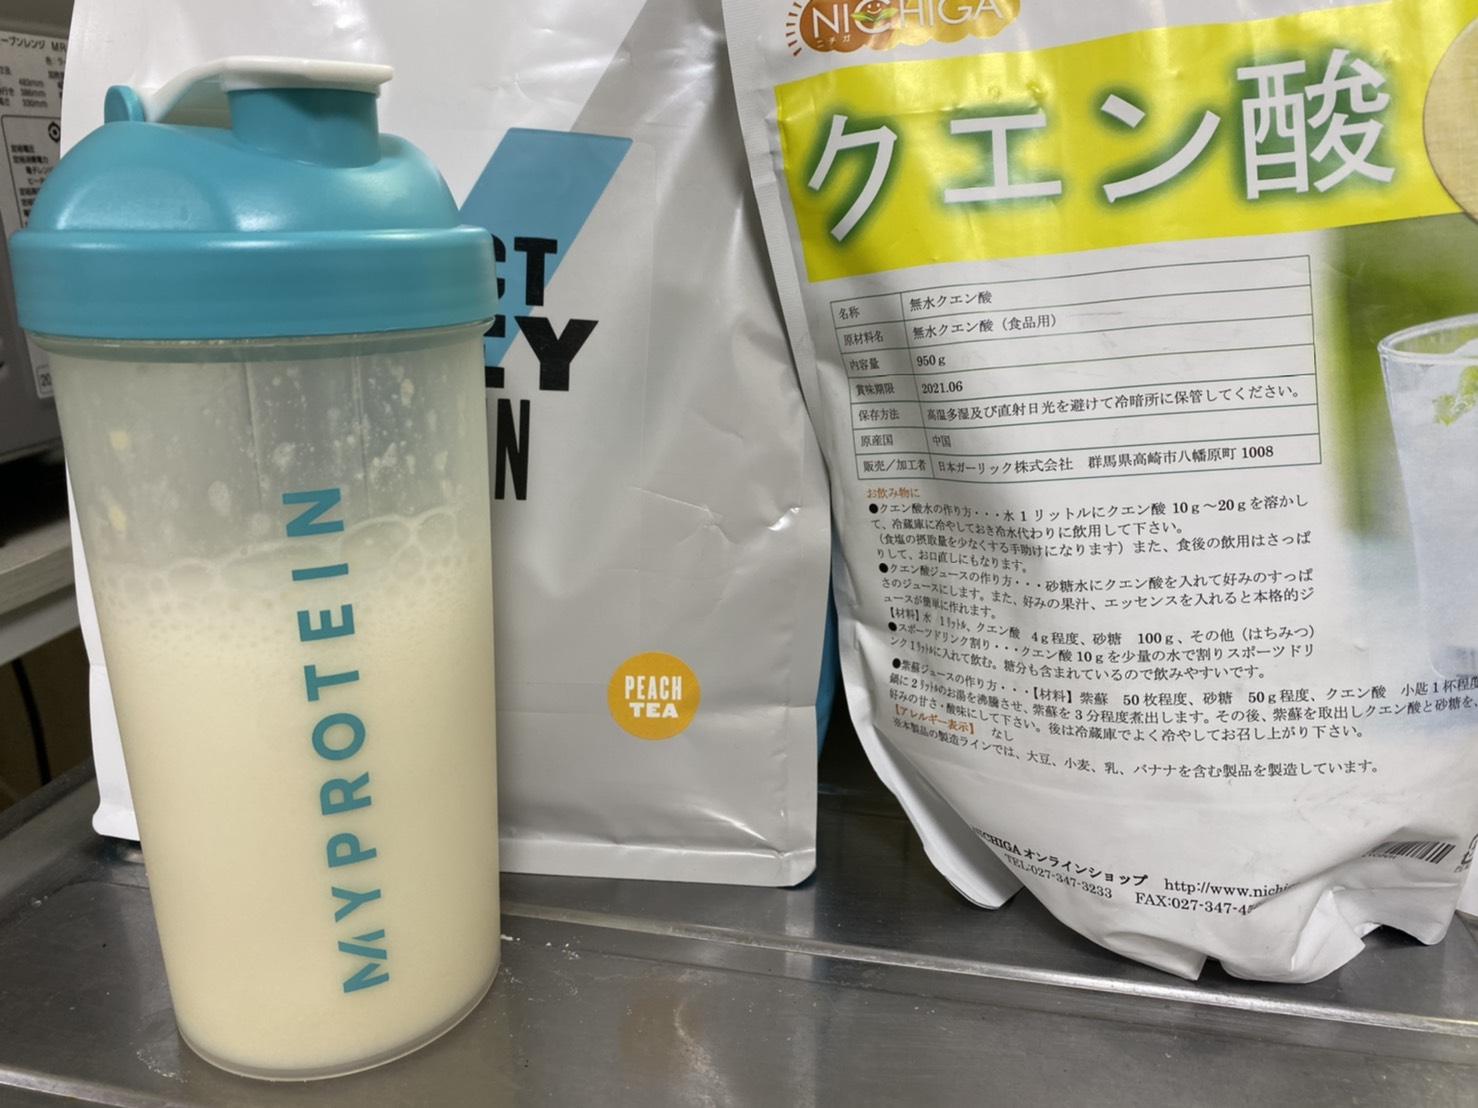 ピーチティー味+クエン酸